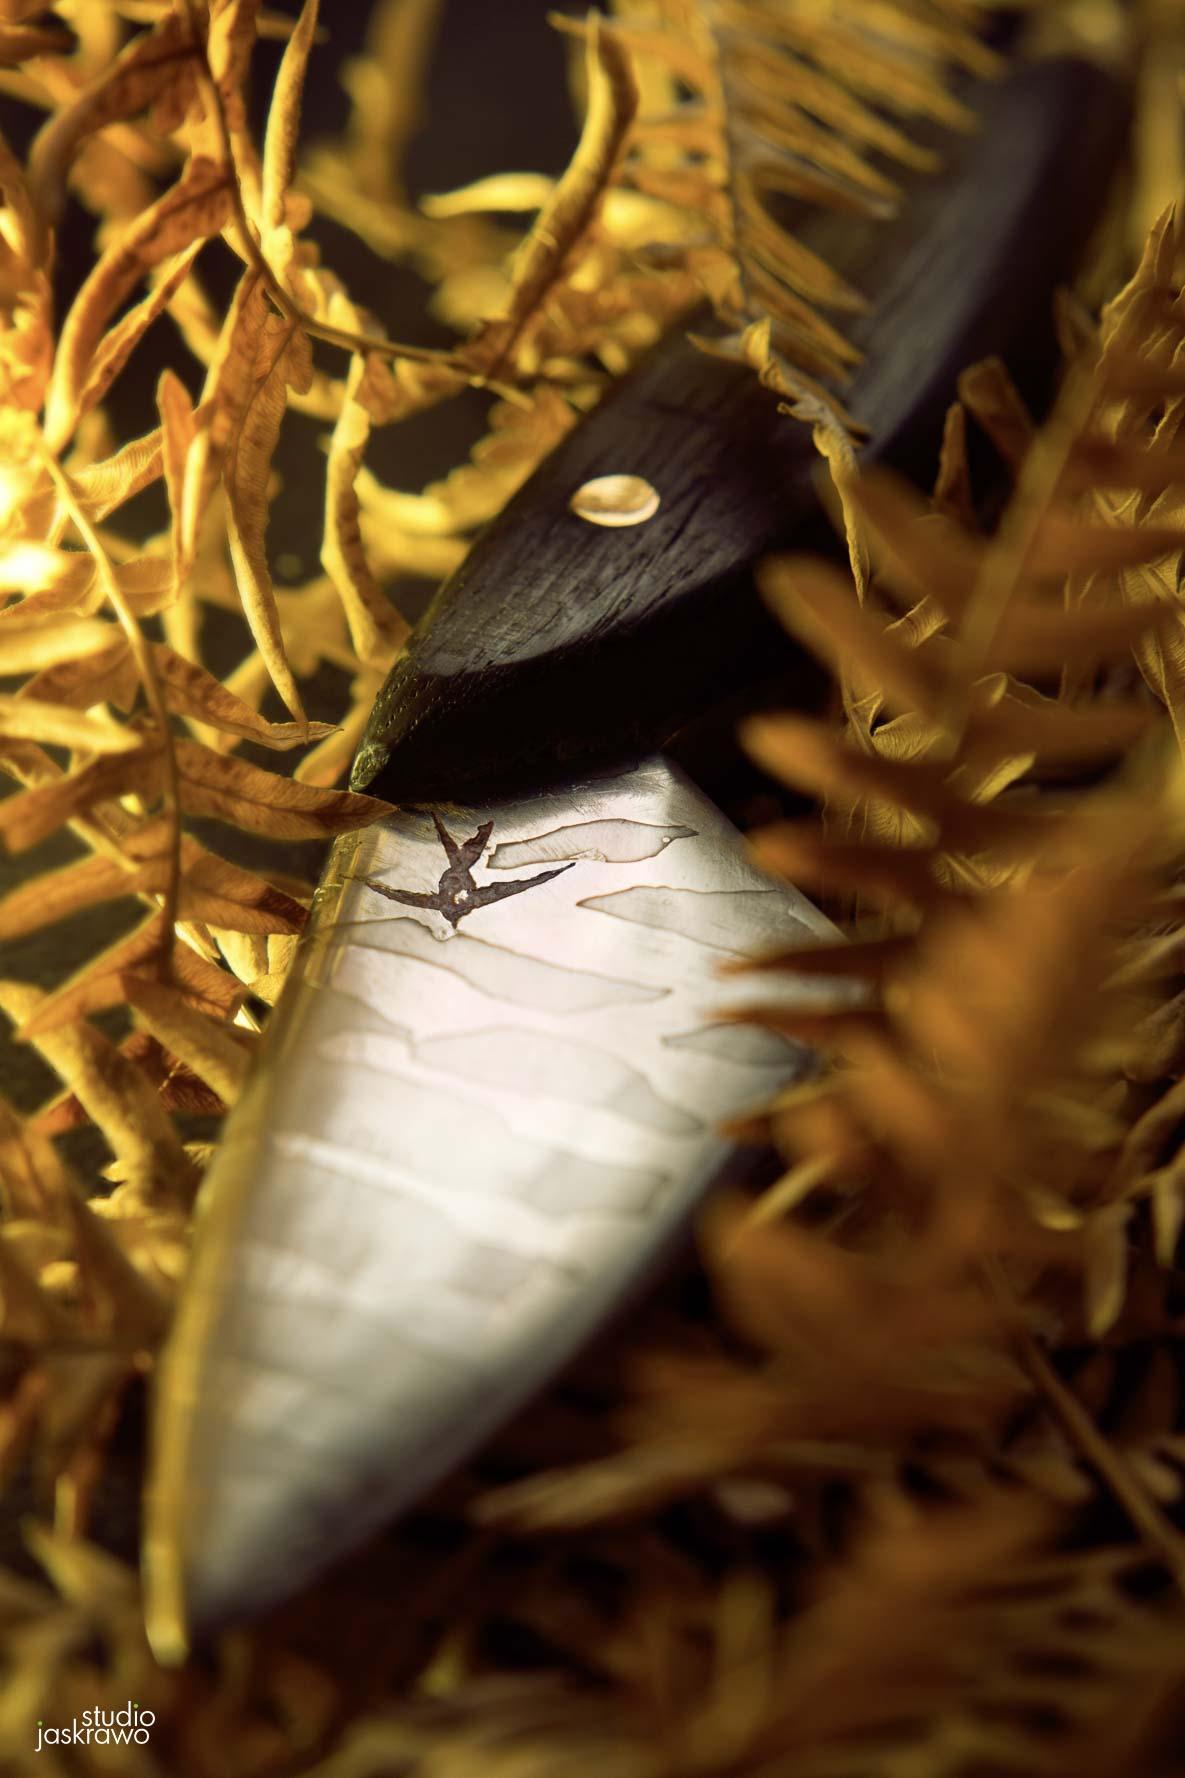 nóż z drewnianą rękojeścią leżący w paprotkach